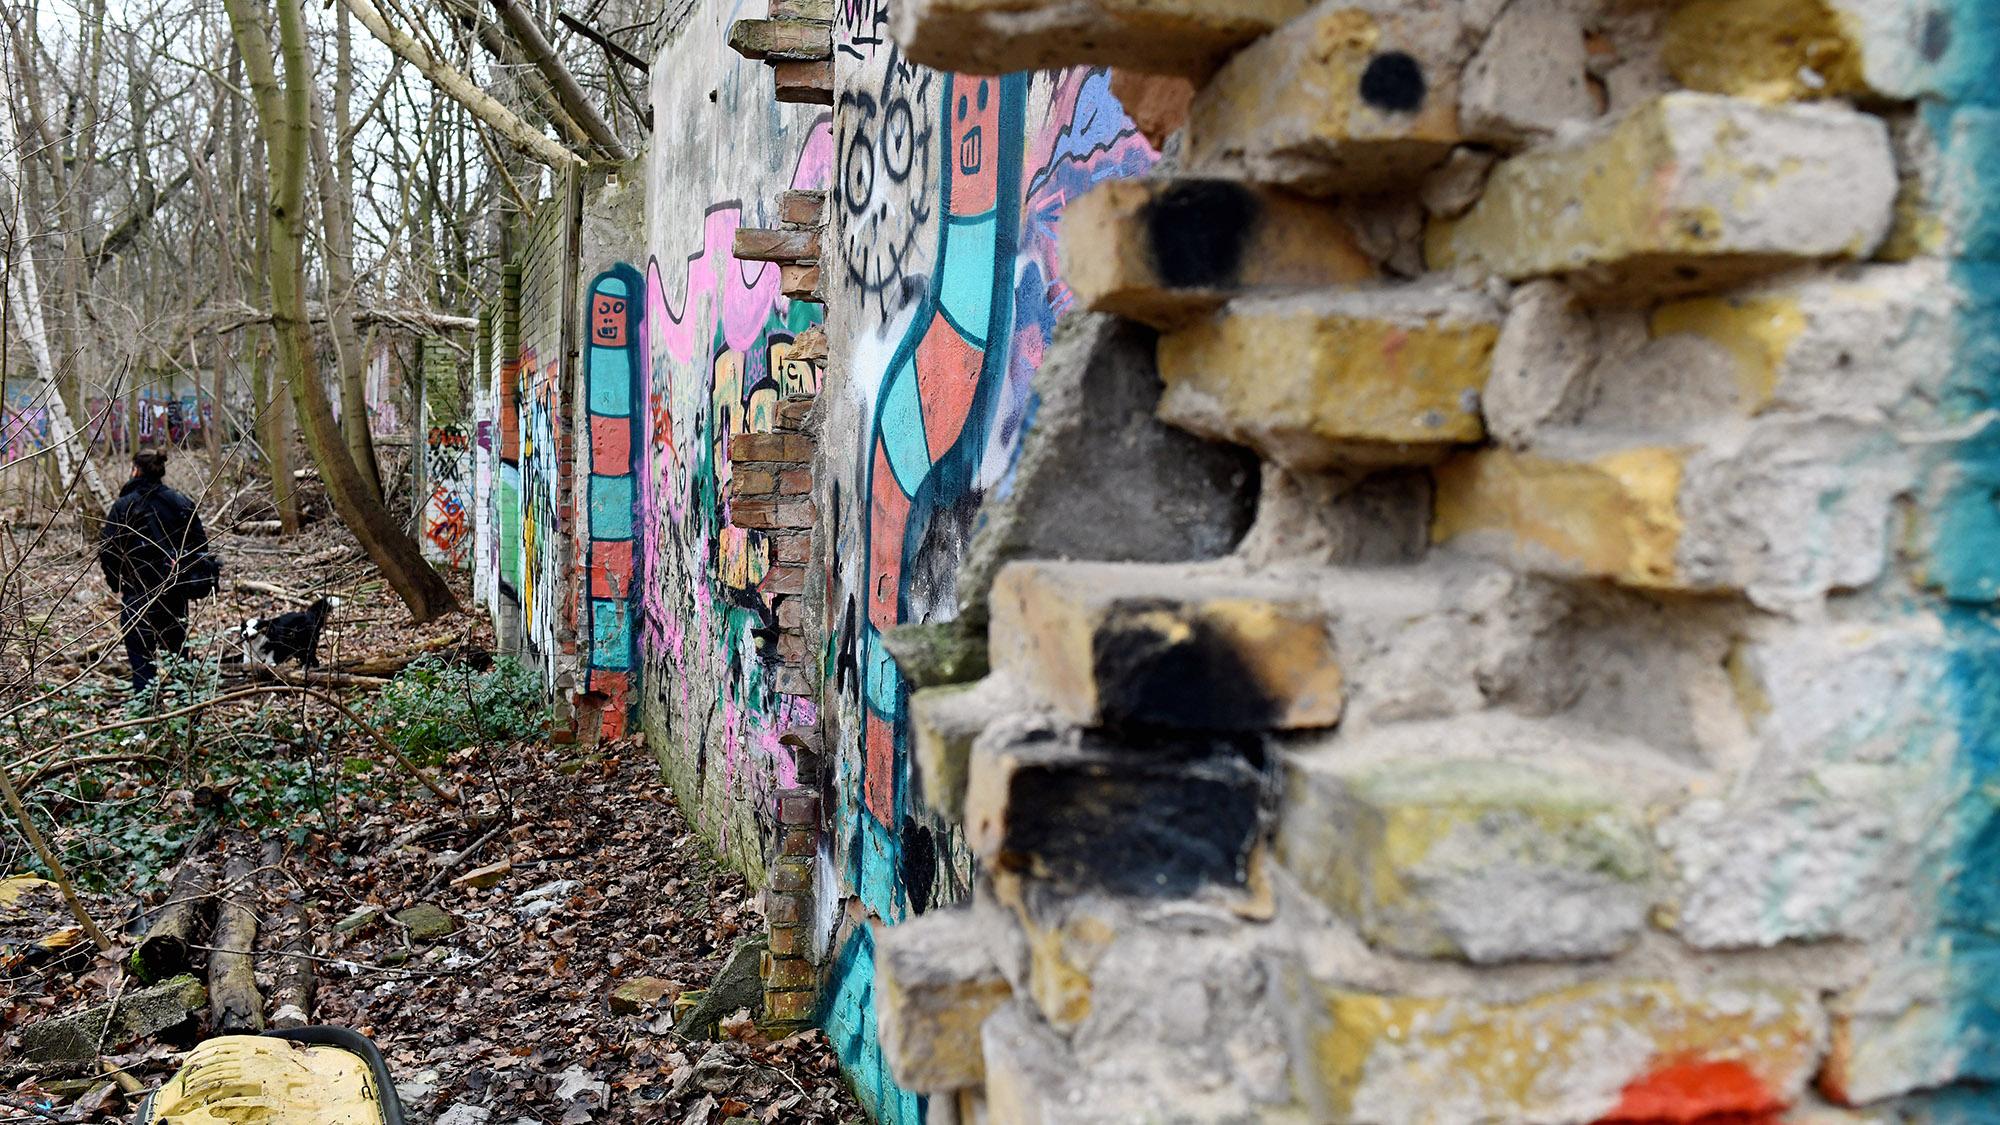 Una persona camina el 24/01/2018 junto a una parte del Muro de Berlín recientemente descubierta en el barrio de Pankow.